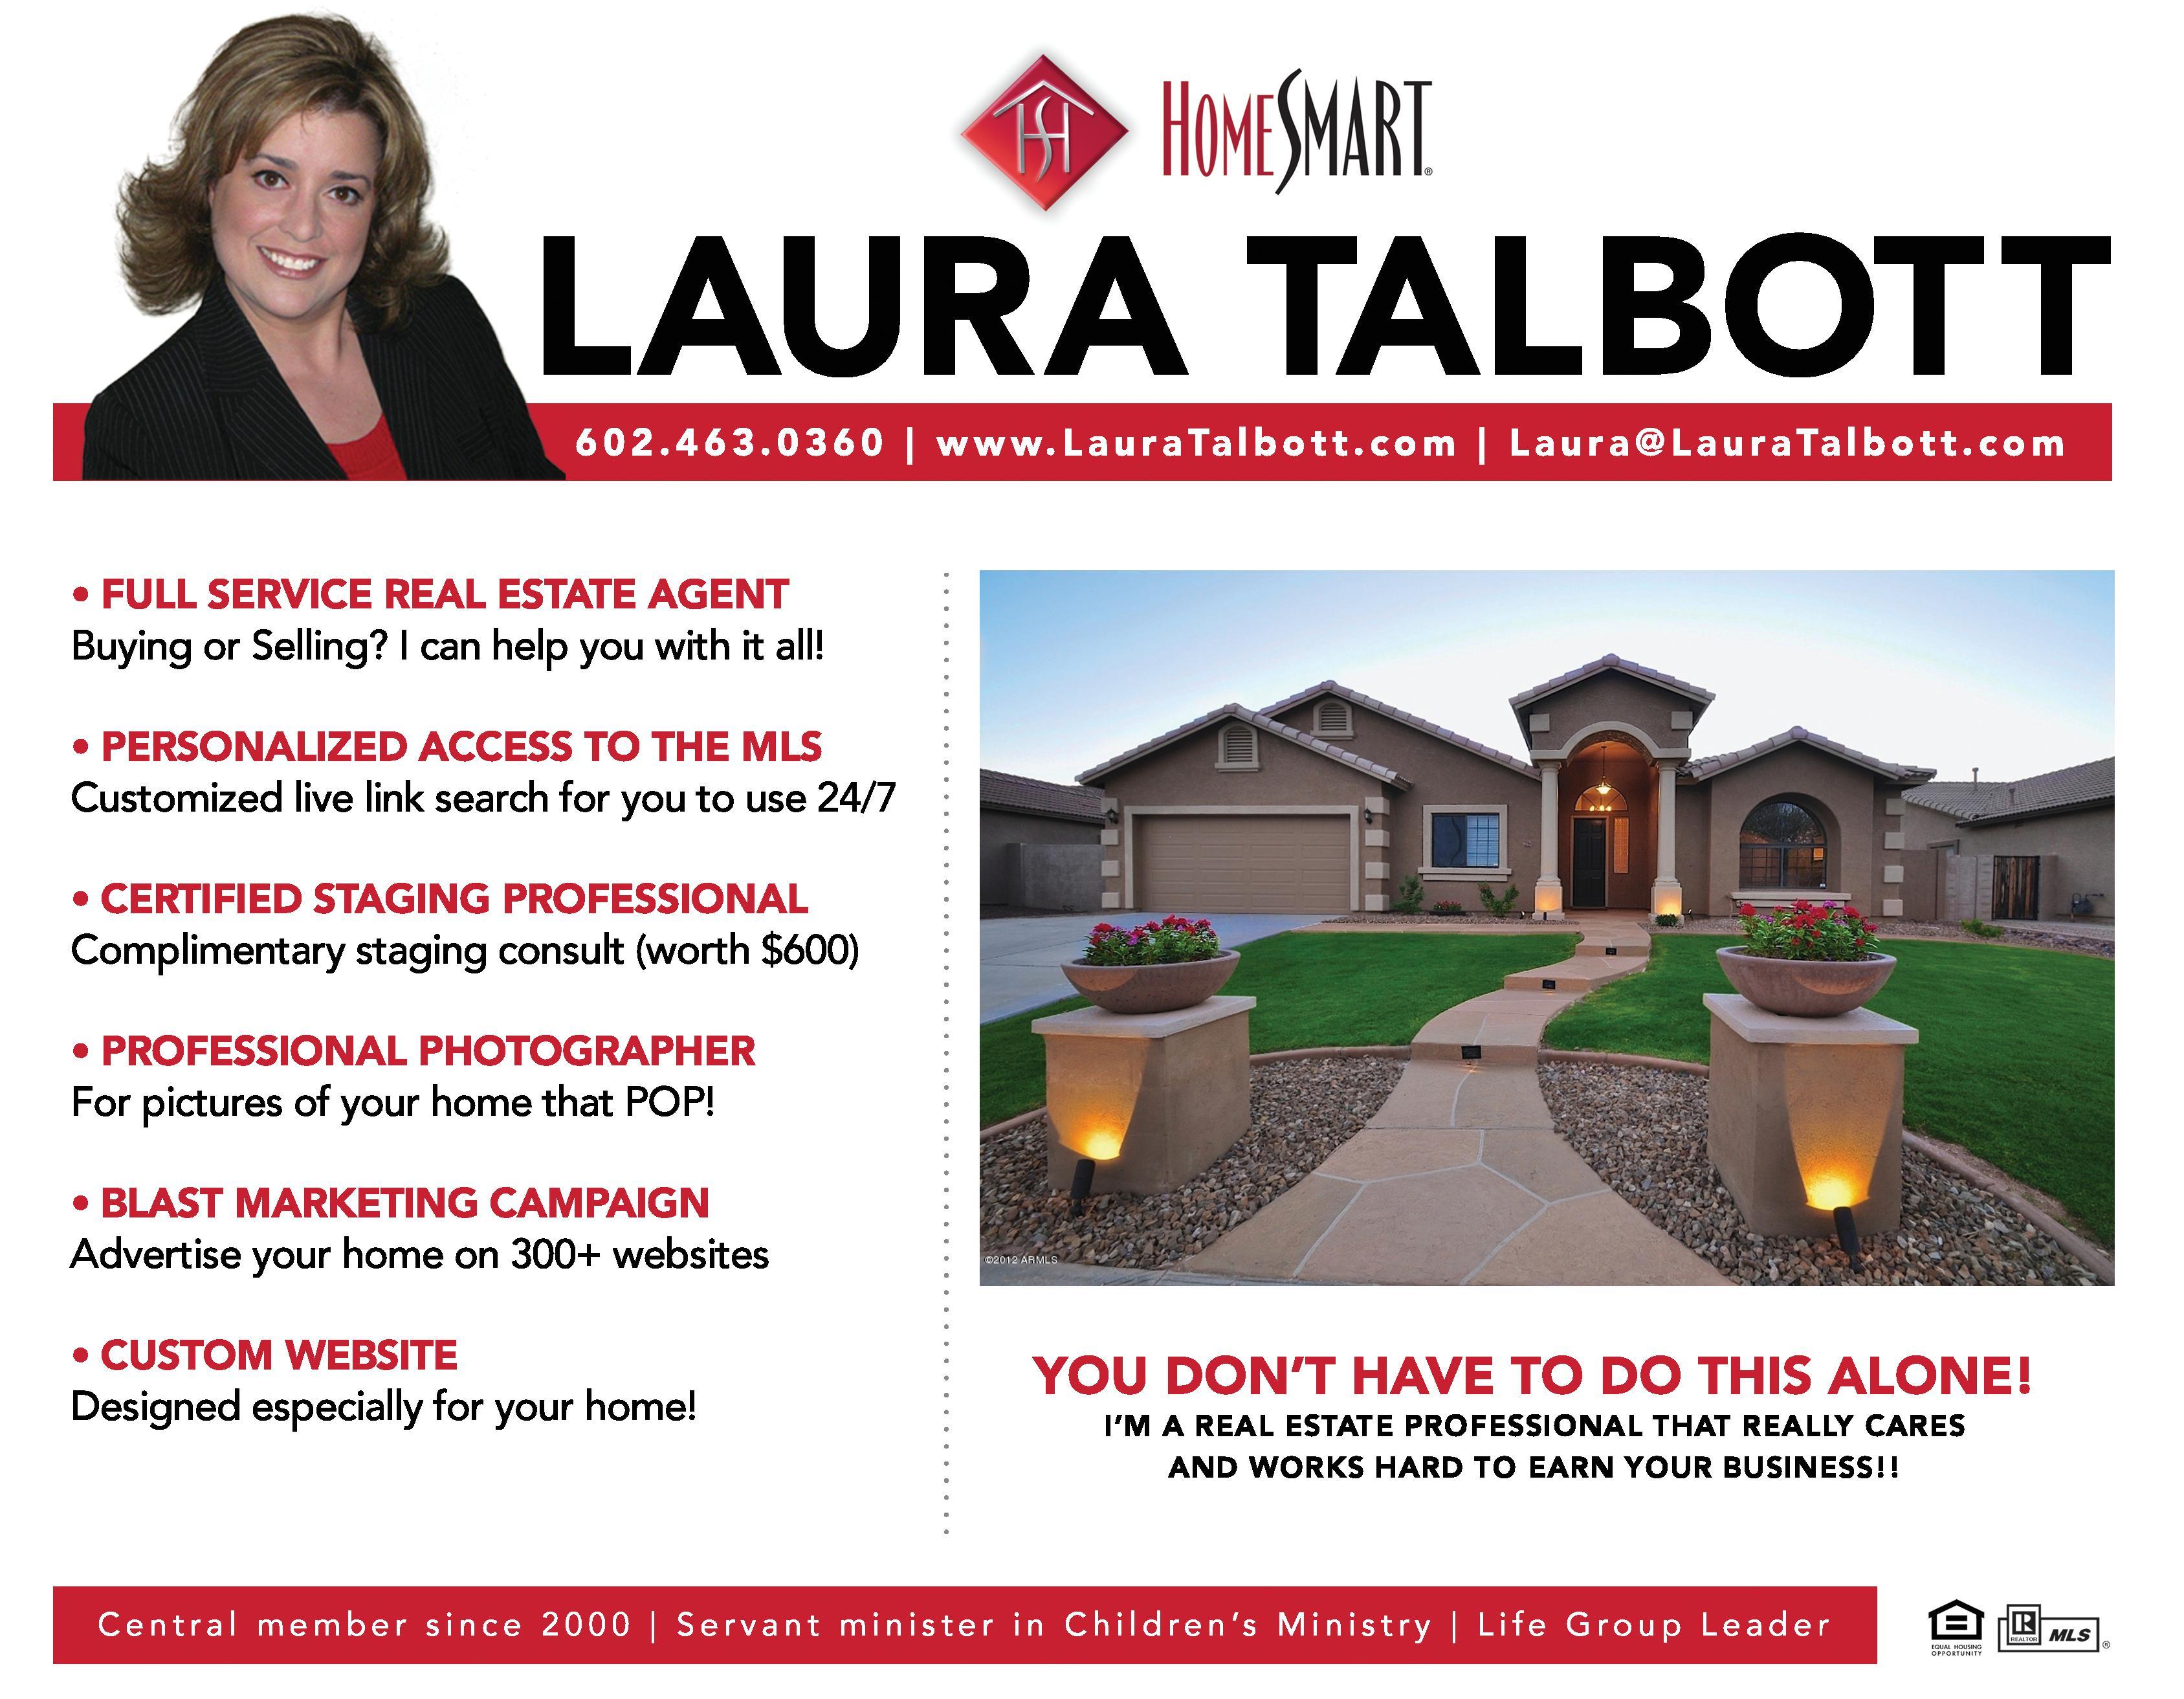 Home Smart - Talbott